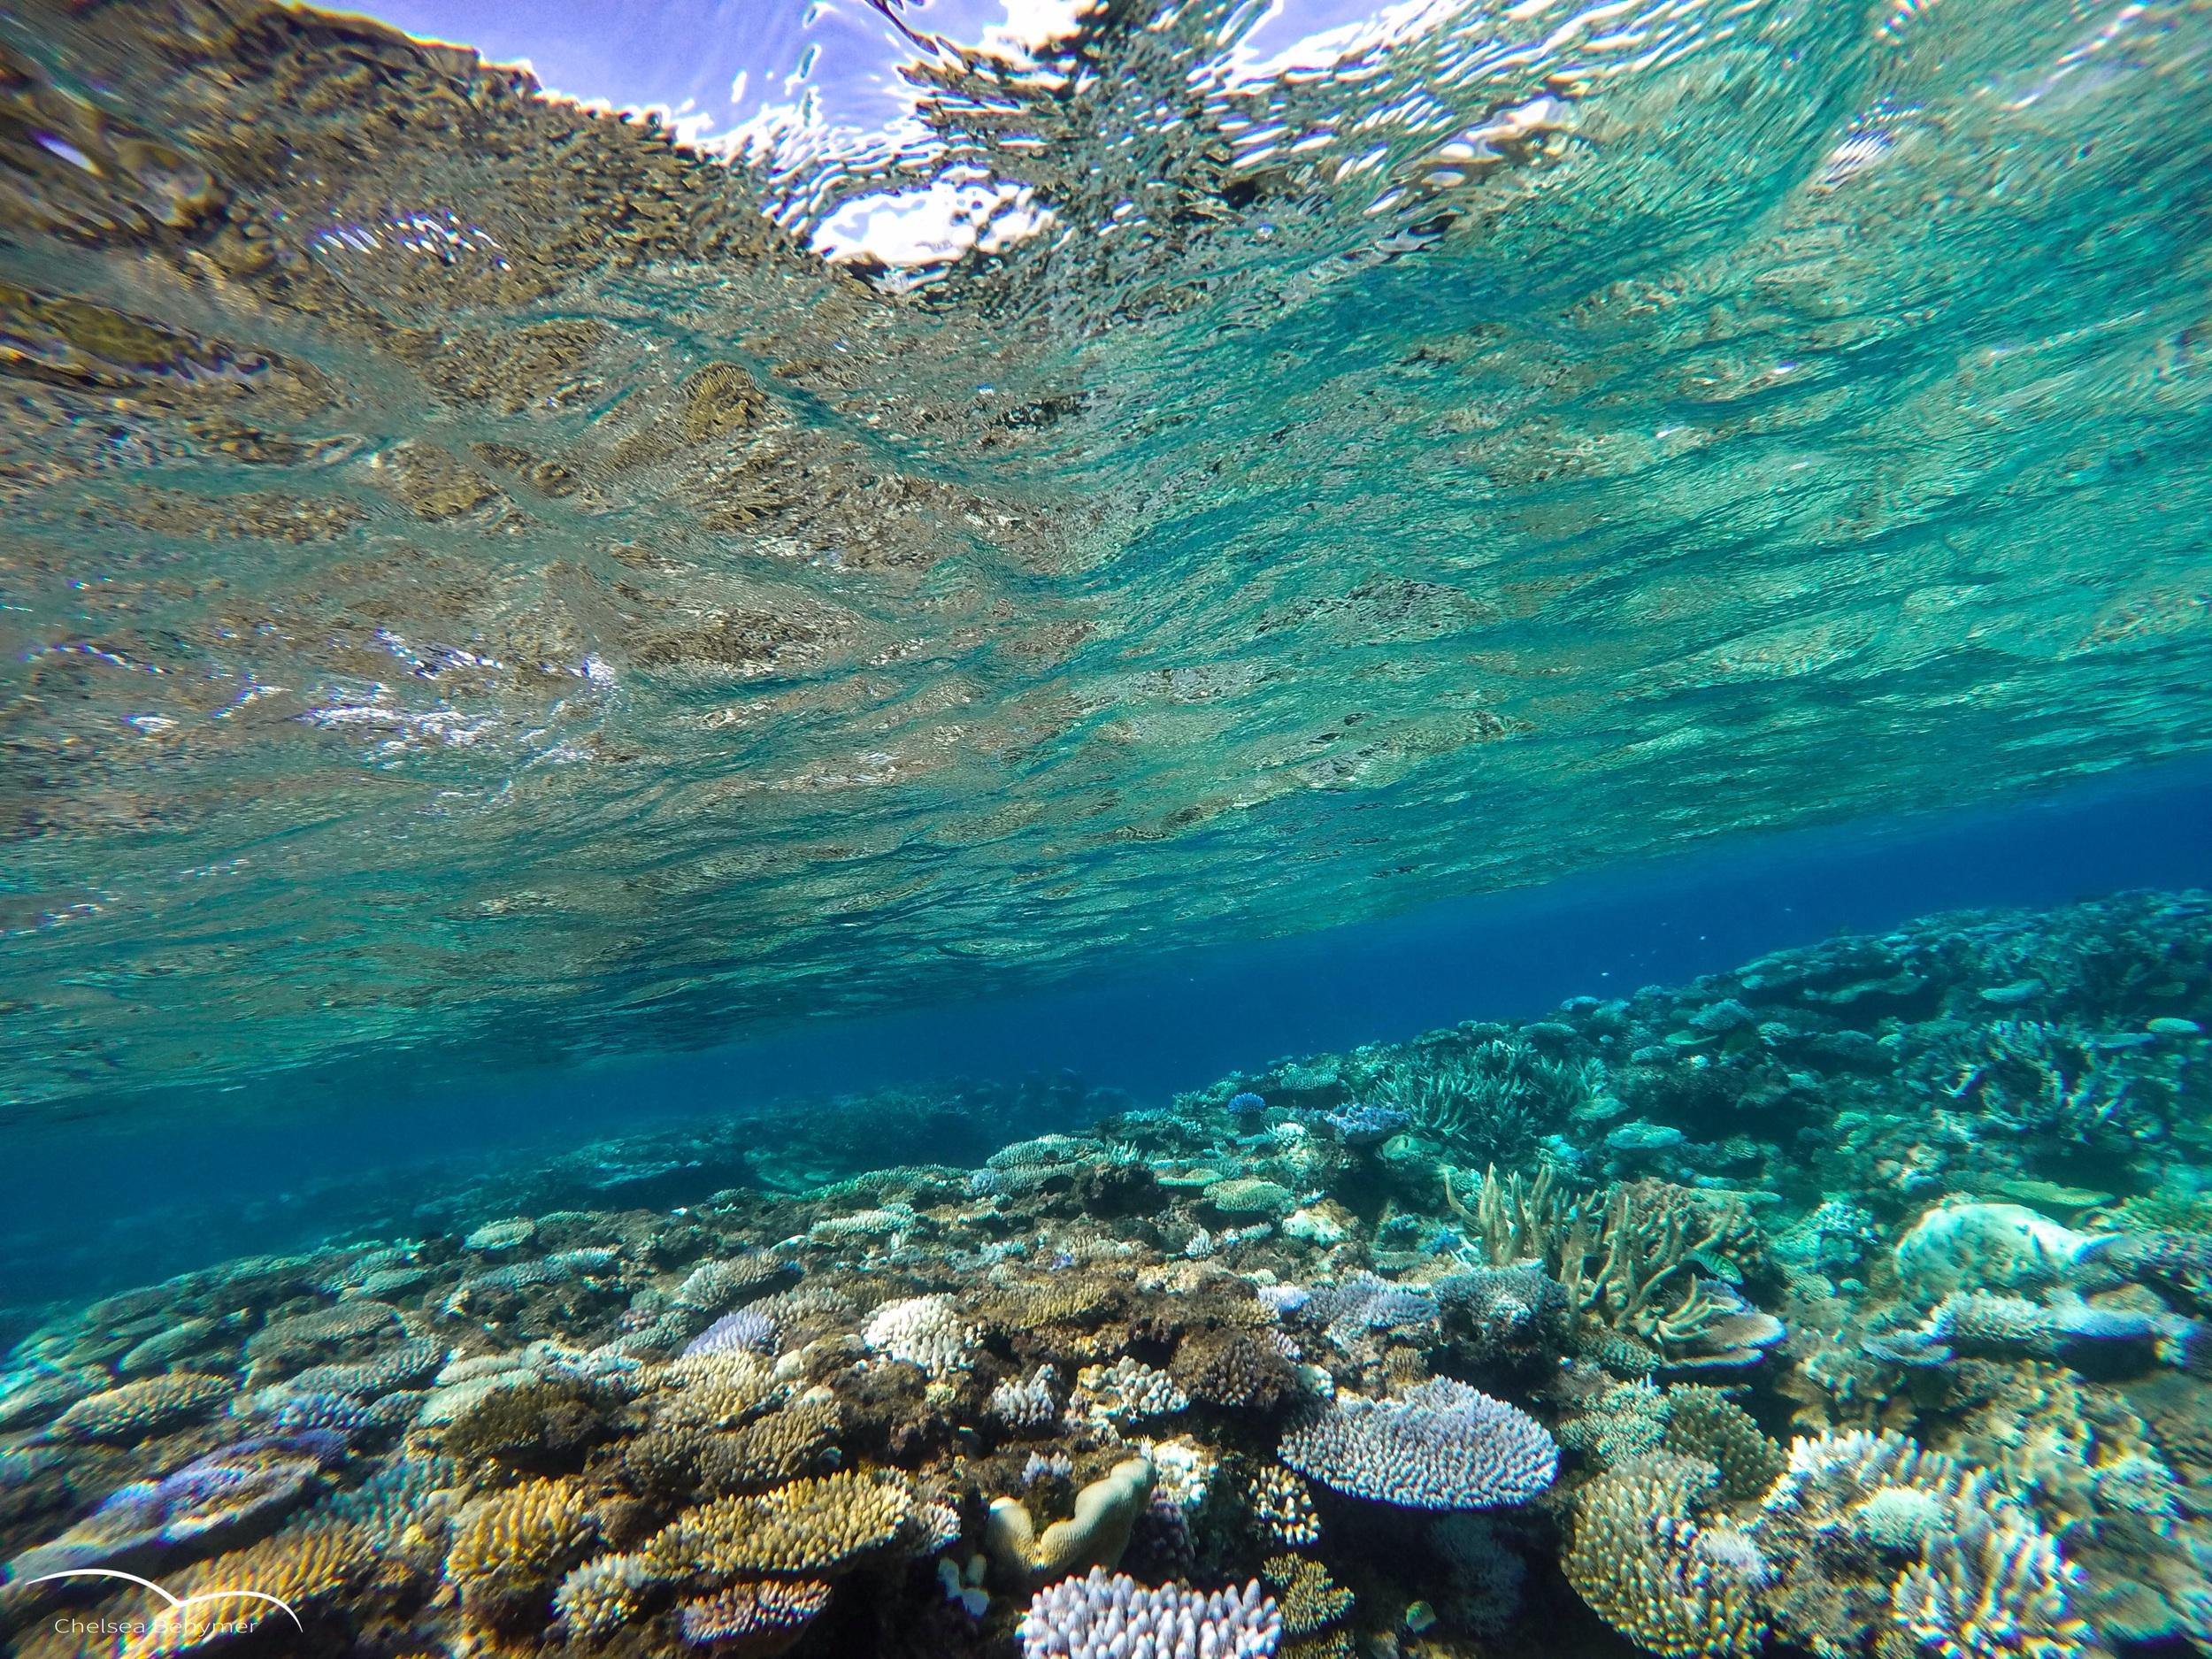 Coral castles. Lifou, New Caledonia.